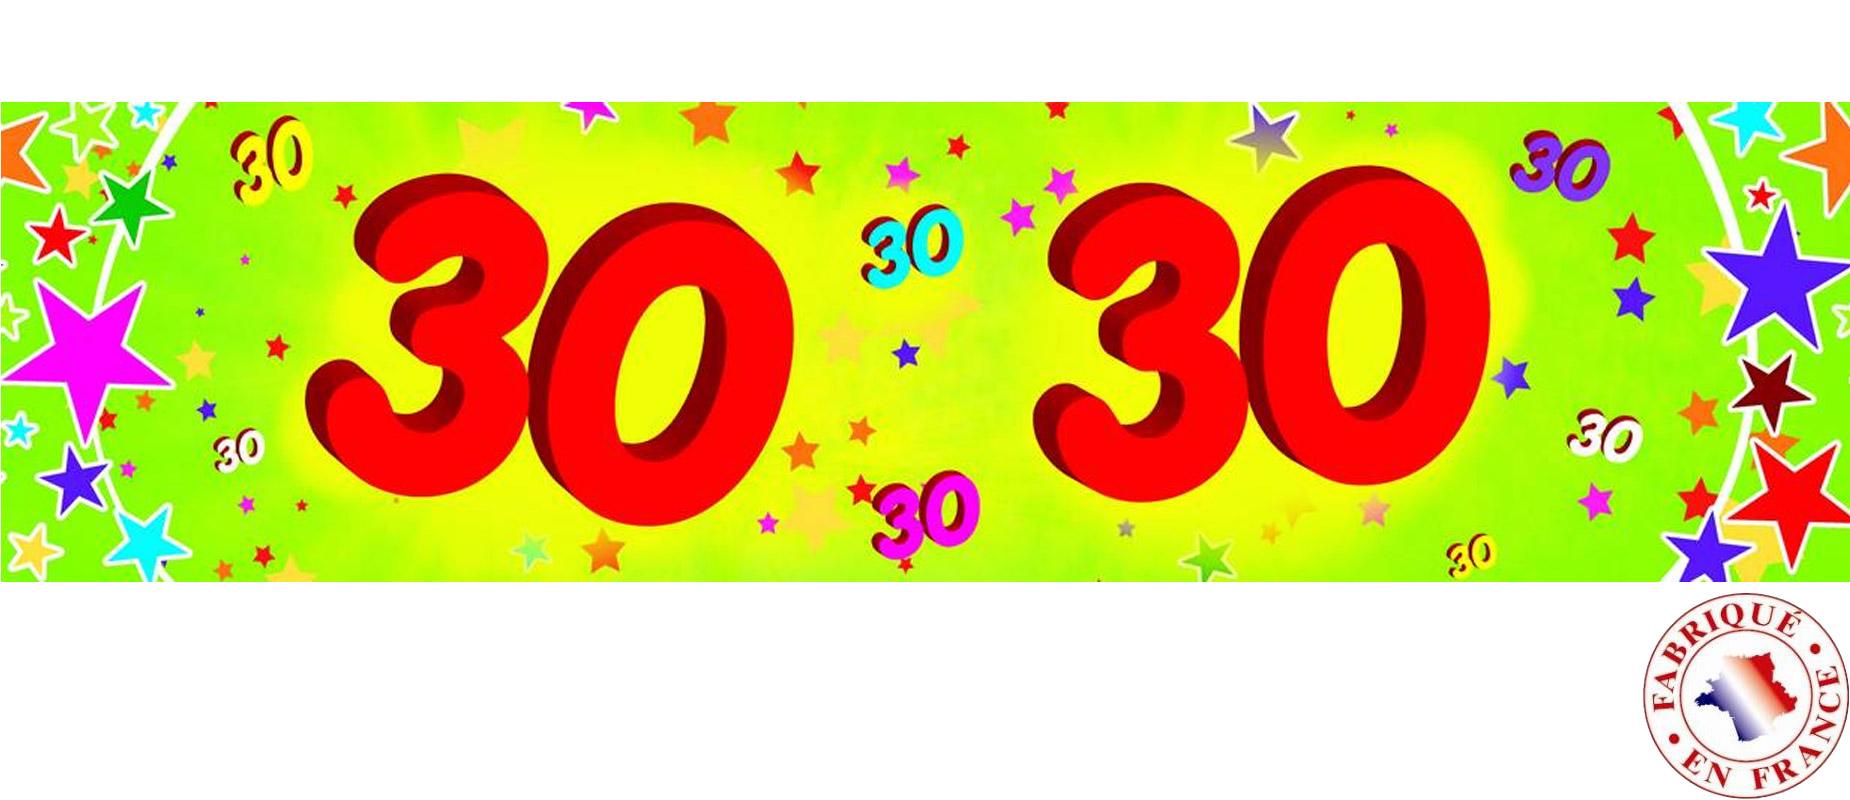 Uitzonderlijk Super 30 Jaar Verjaardag Grappen WG42 | Belbin.Info #XD54